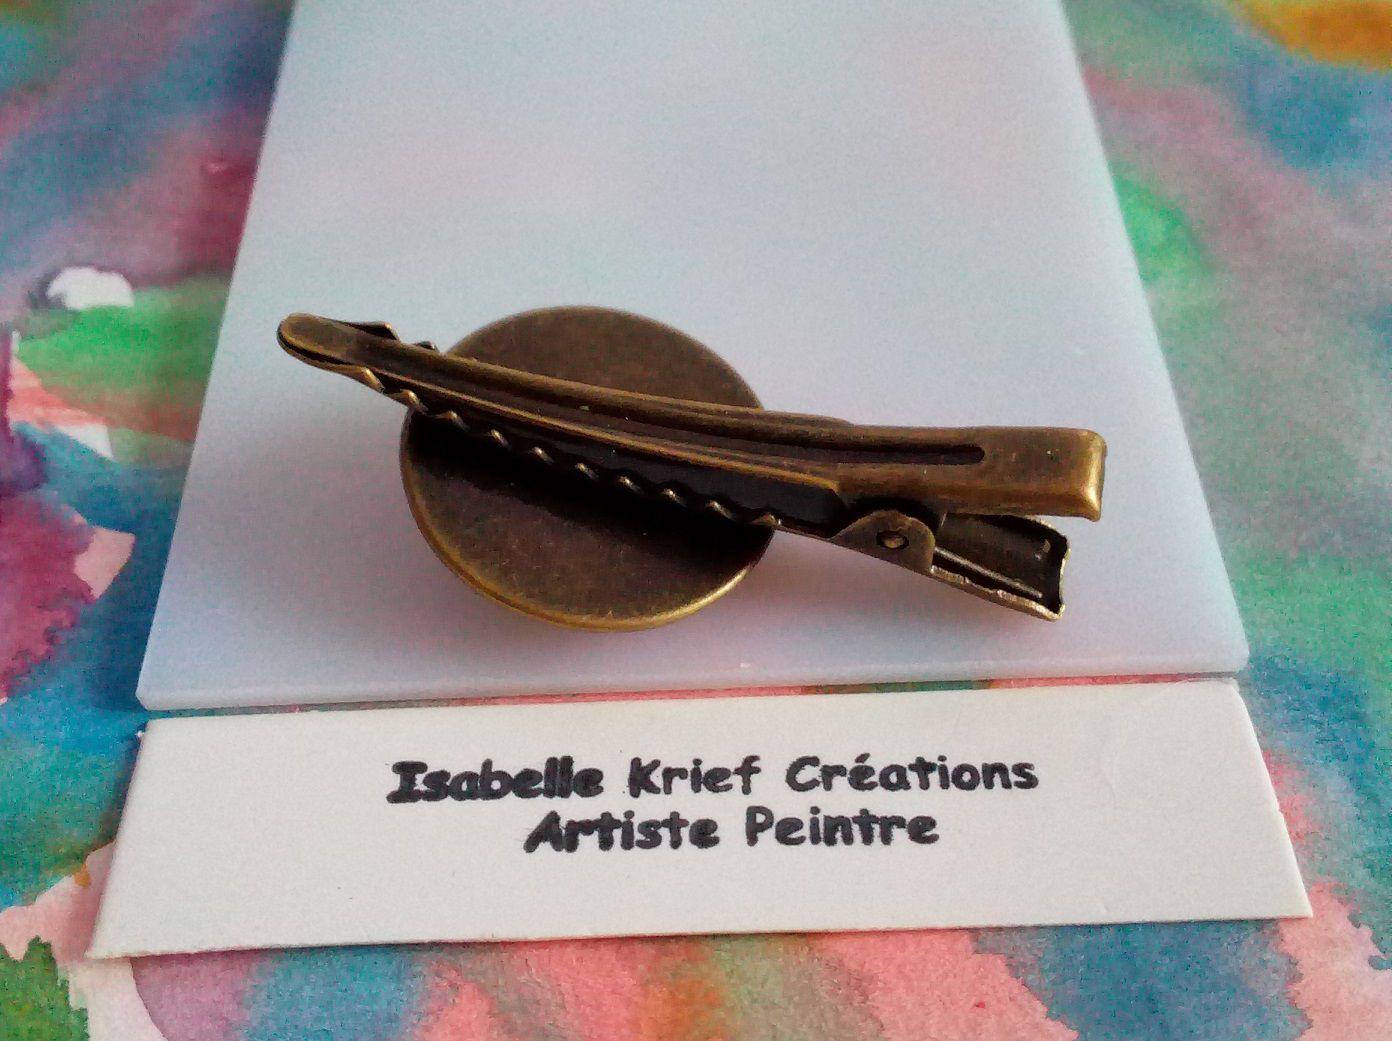 pince cravate en laiton bronze avec cabochon rond 20mm aquarelle vert marron,art deco baroque abstrait,fait mains en france,accessoire costume cravate,boho bobo gothique,cadeau fete anniversaire noel